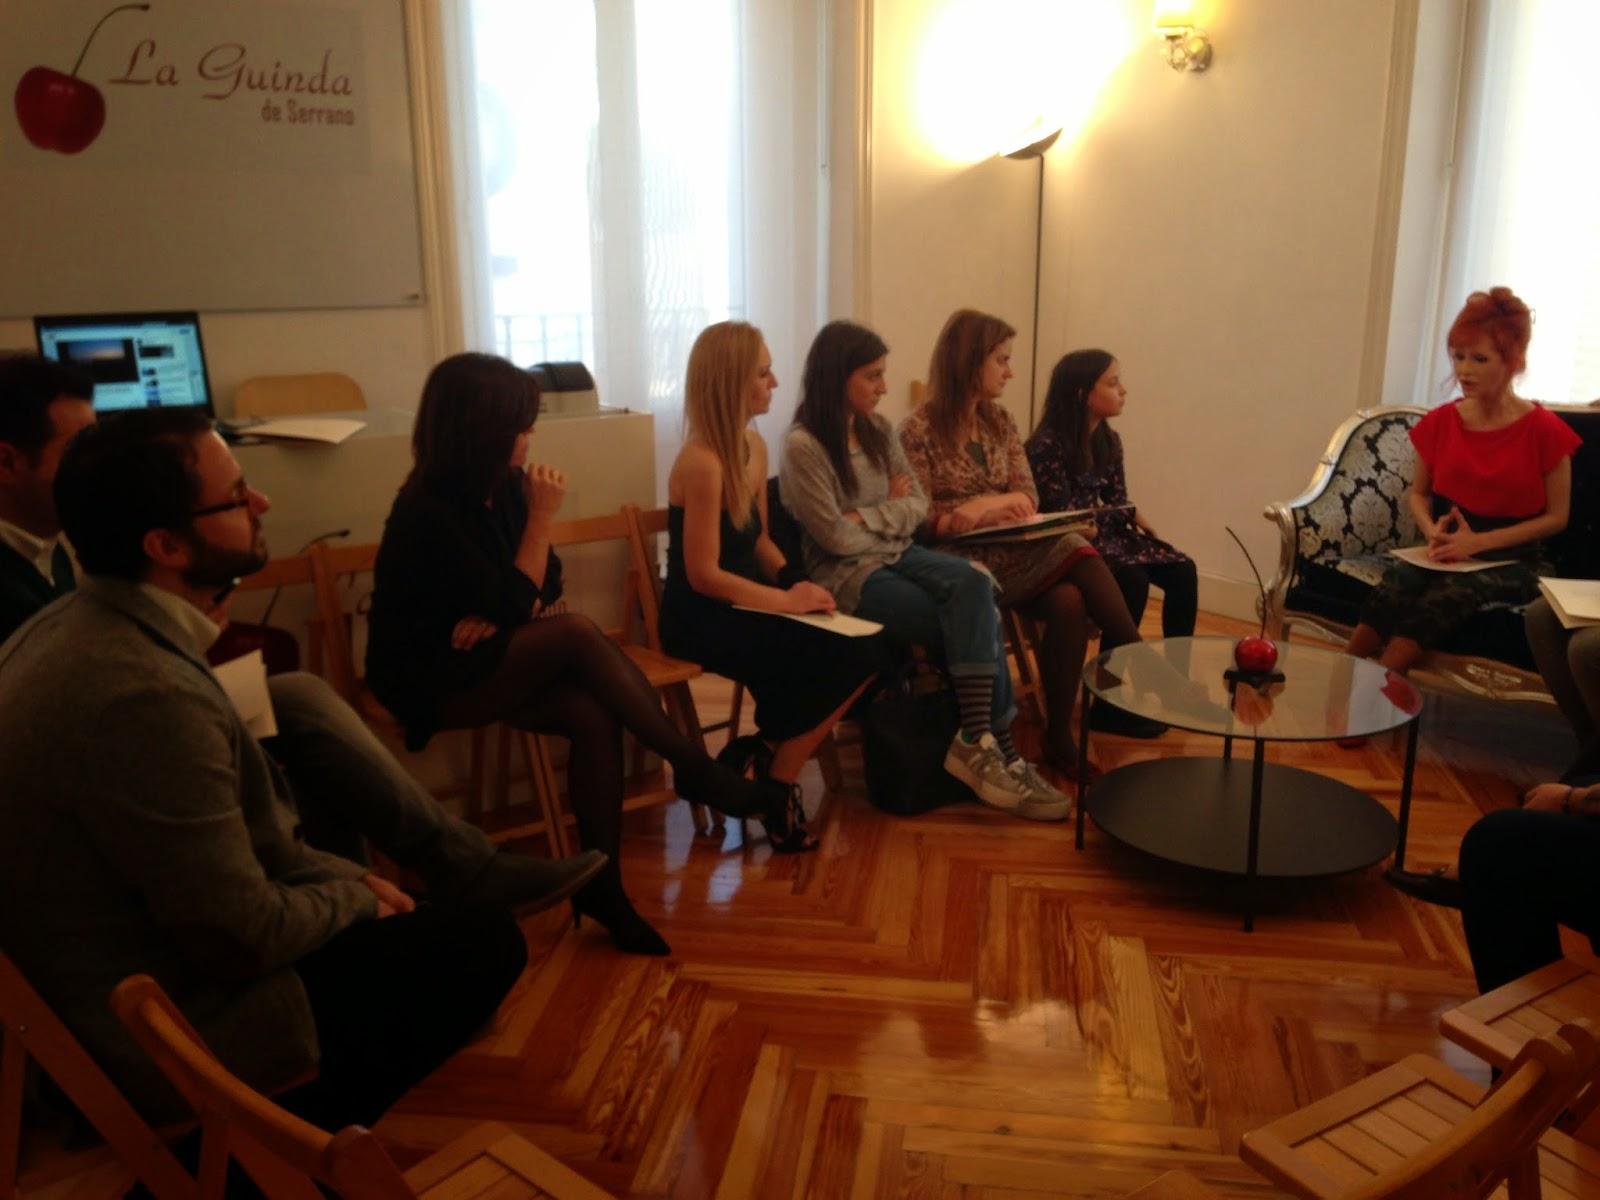 Yurena con periodistas y bloggers en la presentación en La Guinda de Serrano